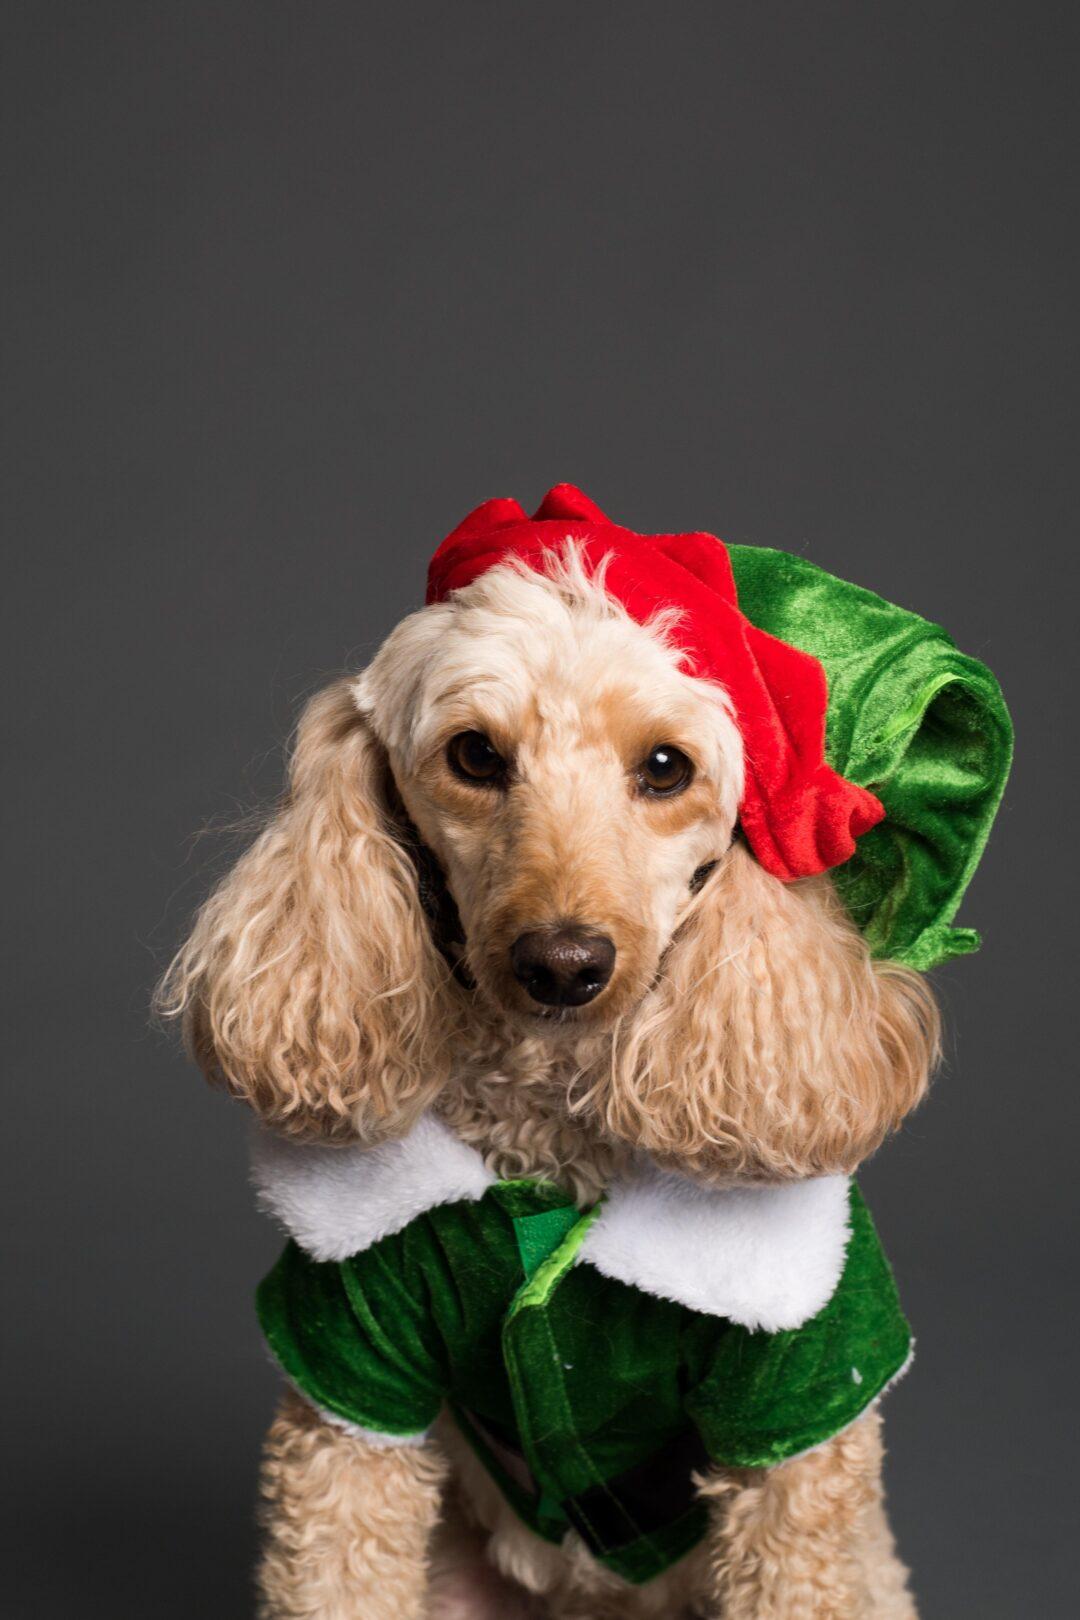 Santa paws pexels goochie poochie grooming 3361741